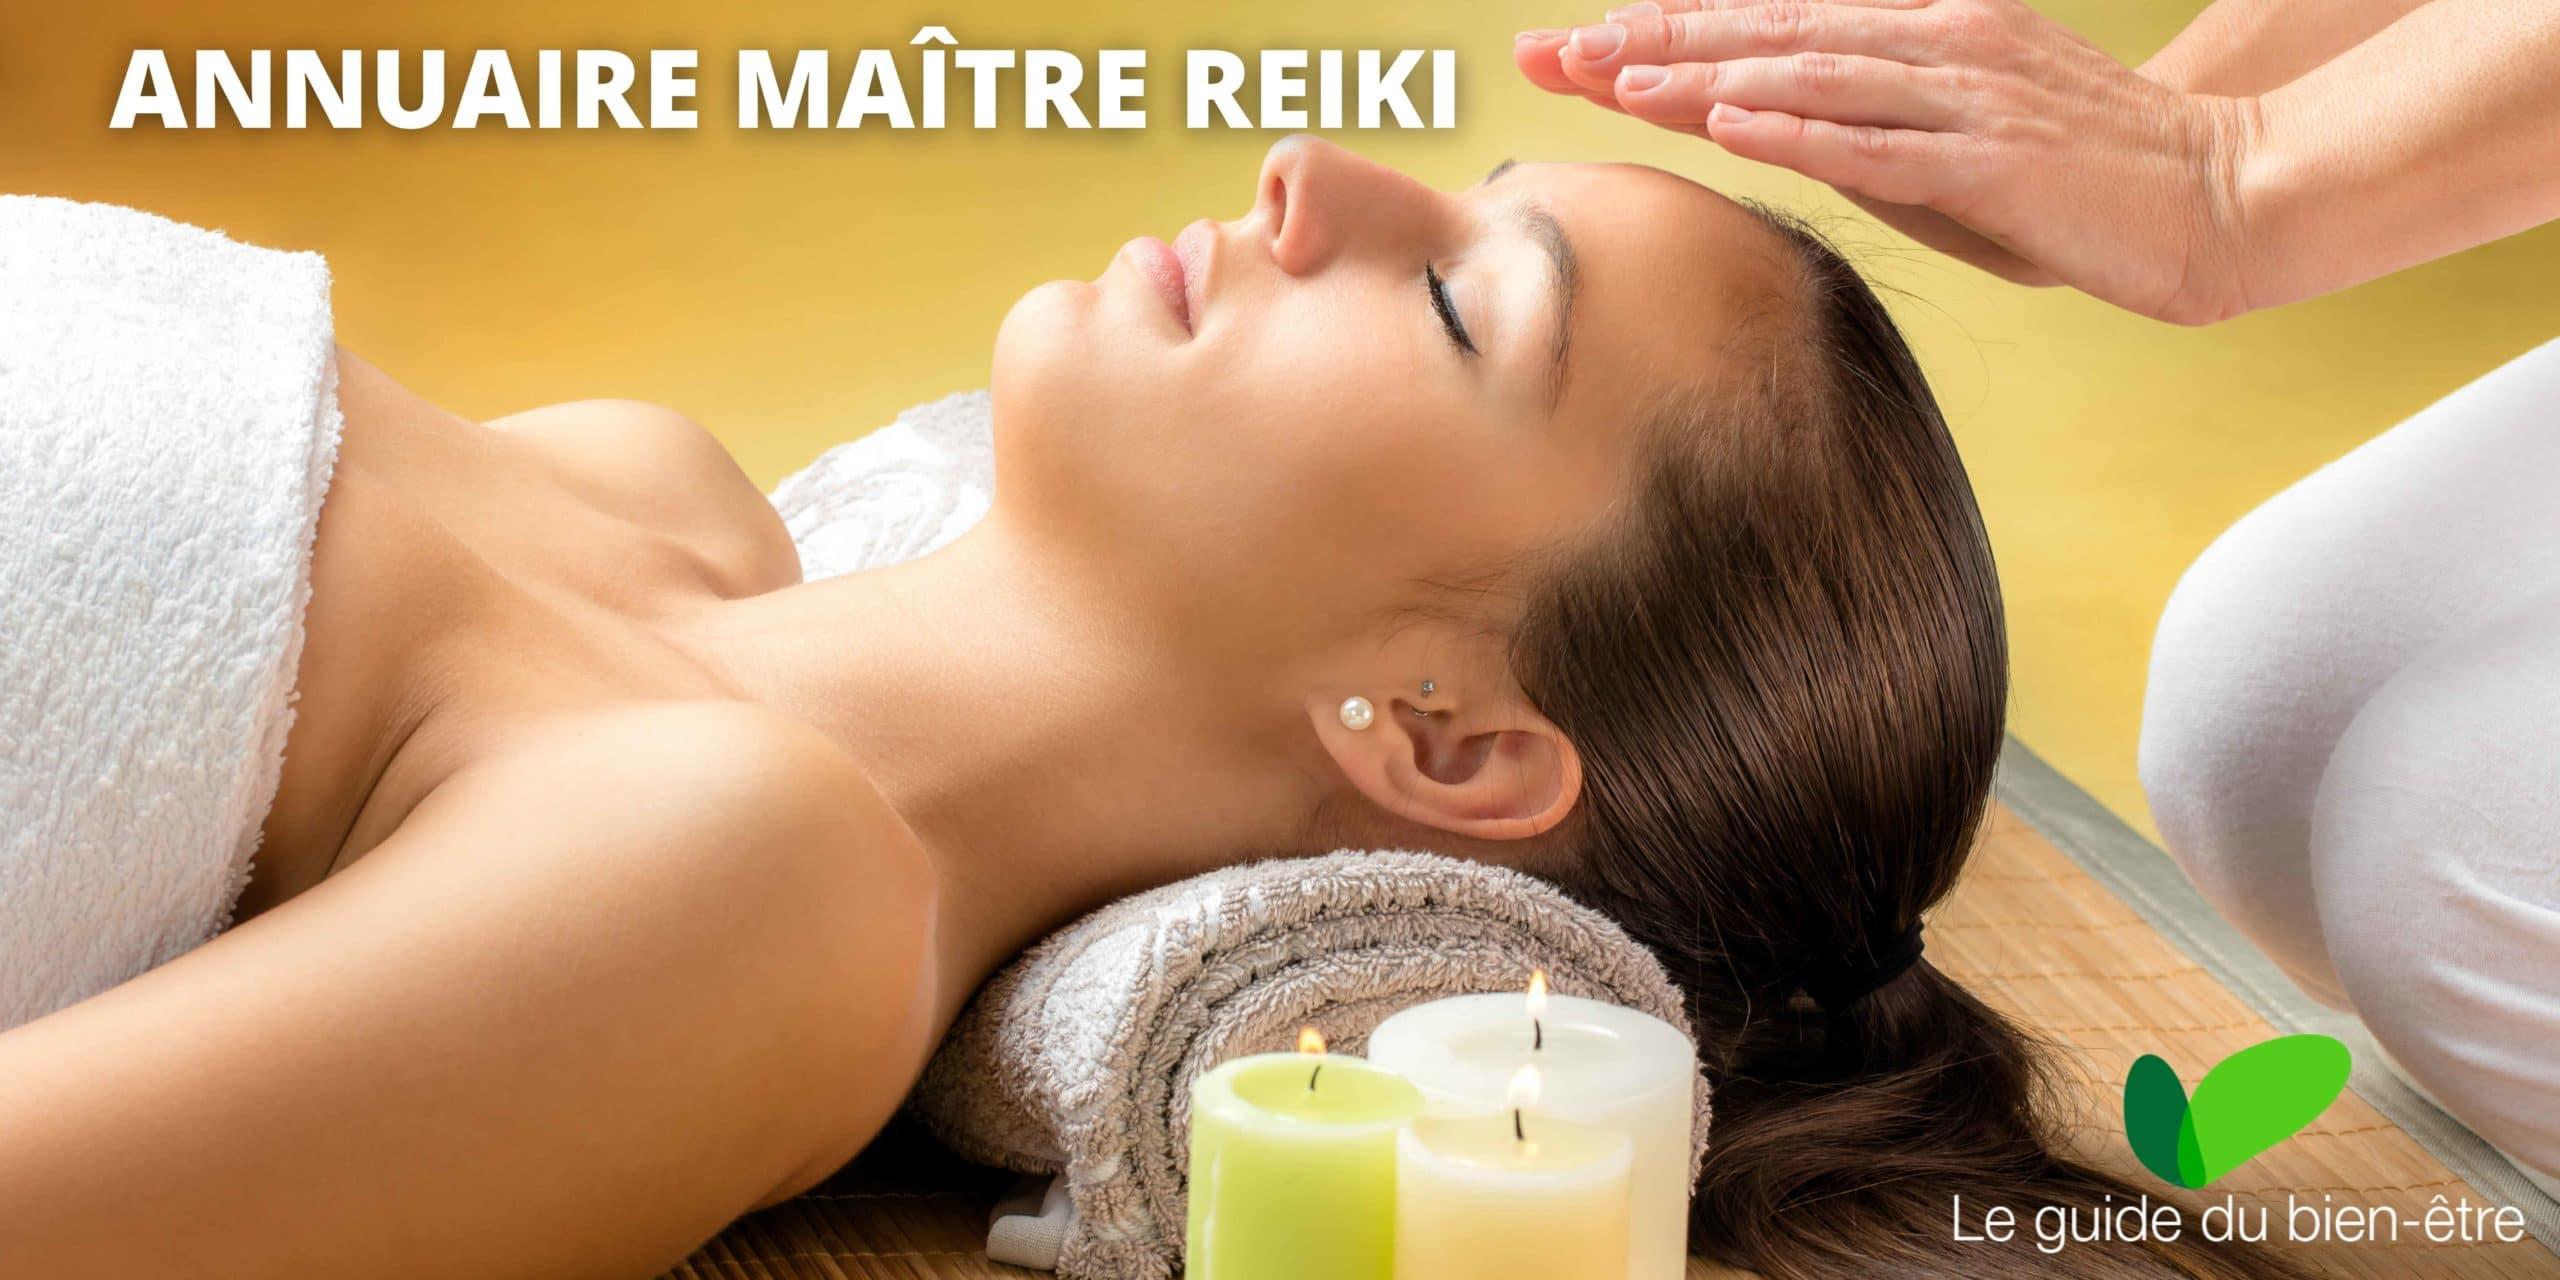 Annuaire maitre reiki, trouver un thérapeute proche de chez vous